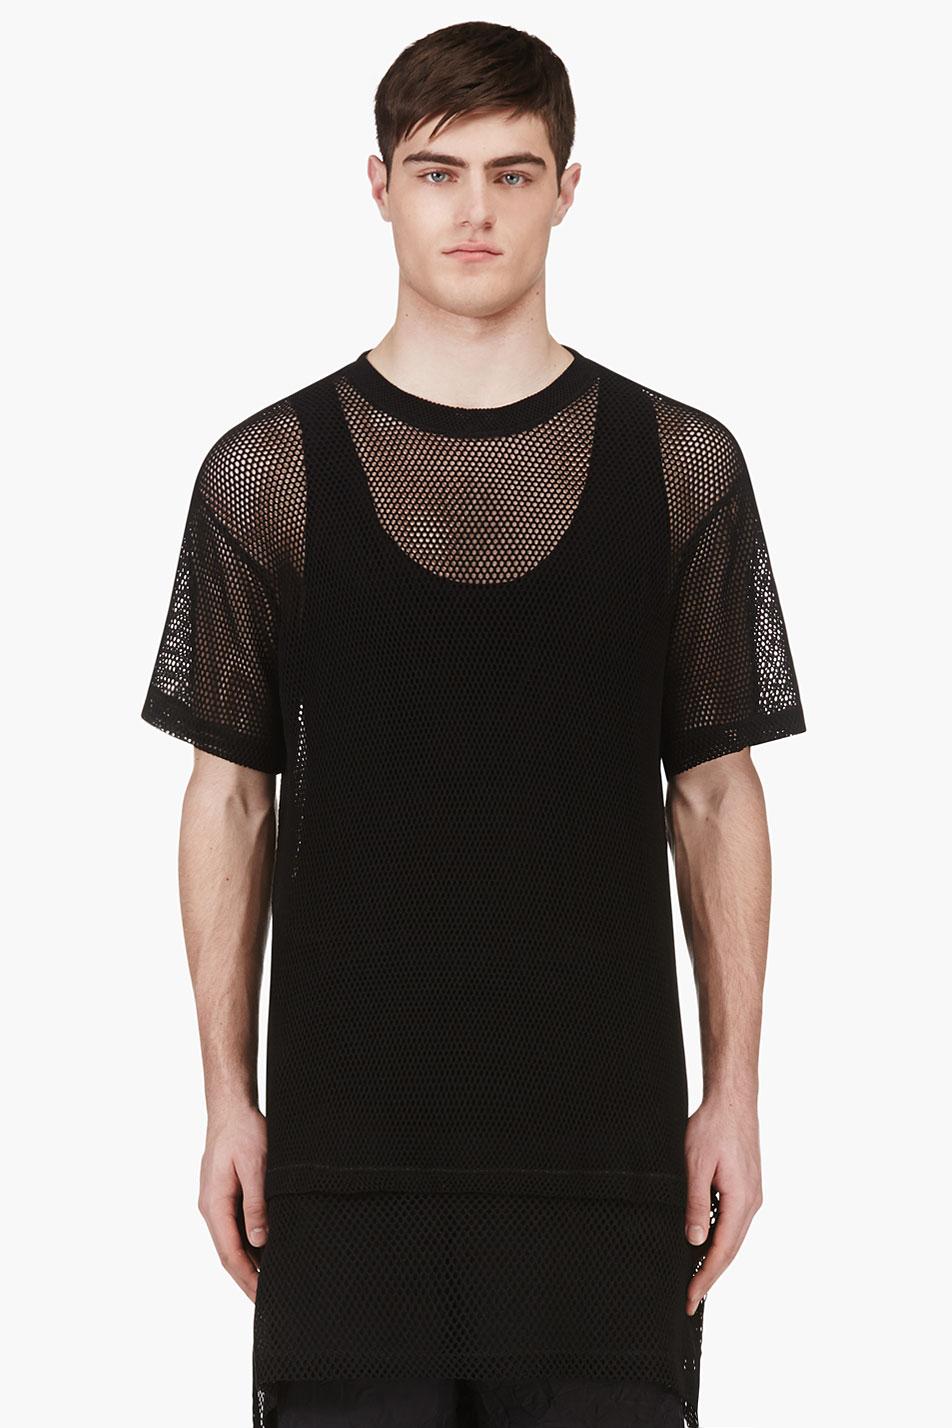 ktz black oversized mesh t shirt in black for men lyst